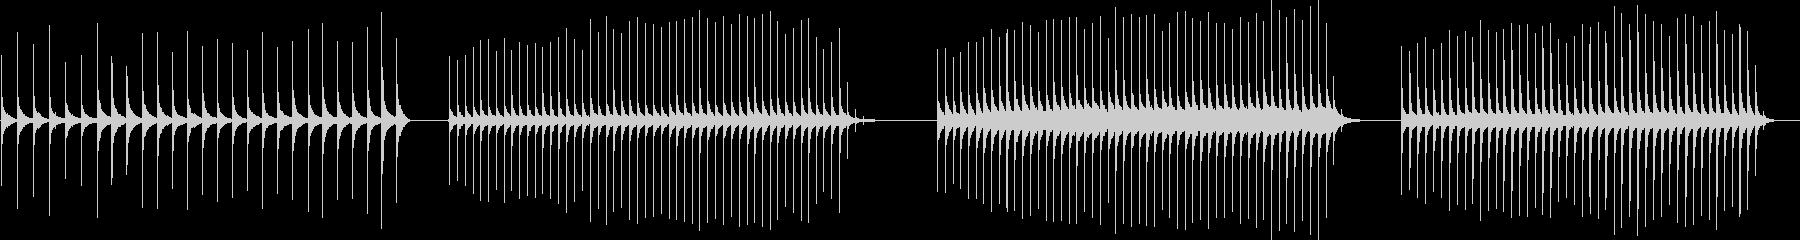 フレキストン、メタル、スプリング、...の未再生の波形